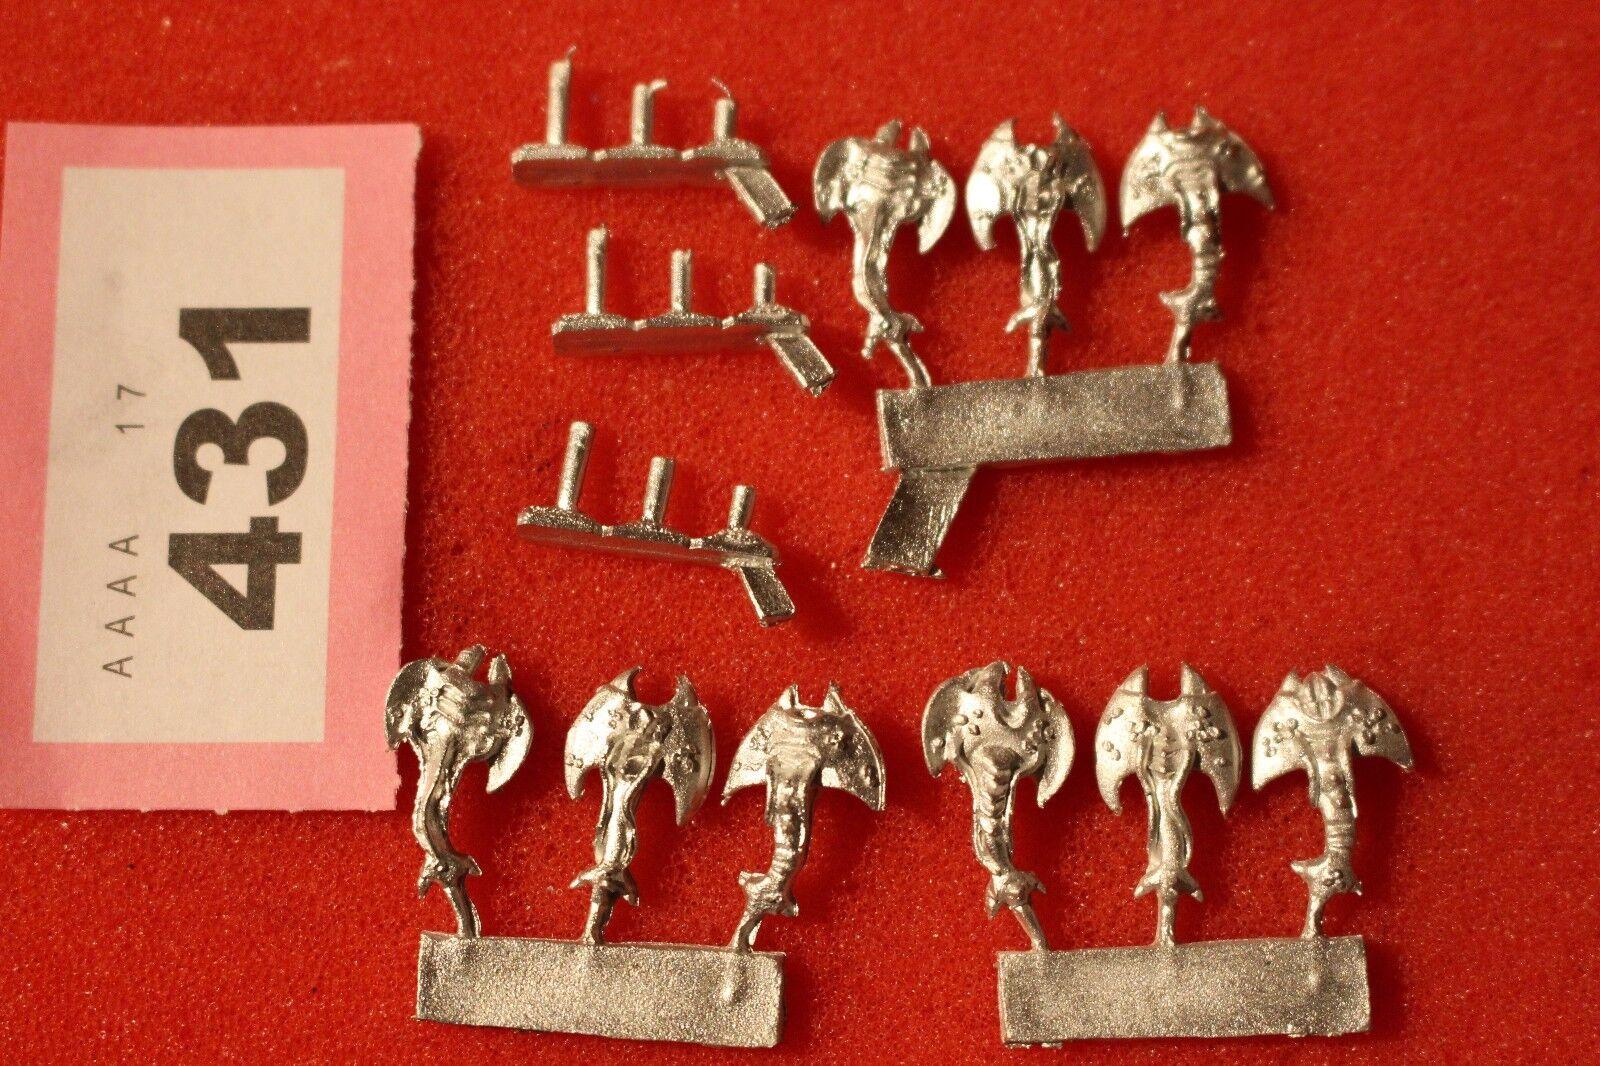 Warmaster Caos DAEMON Screamers di Tzeentch NUOVO 10mm Games Workshop in metallo fuori catalogo